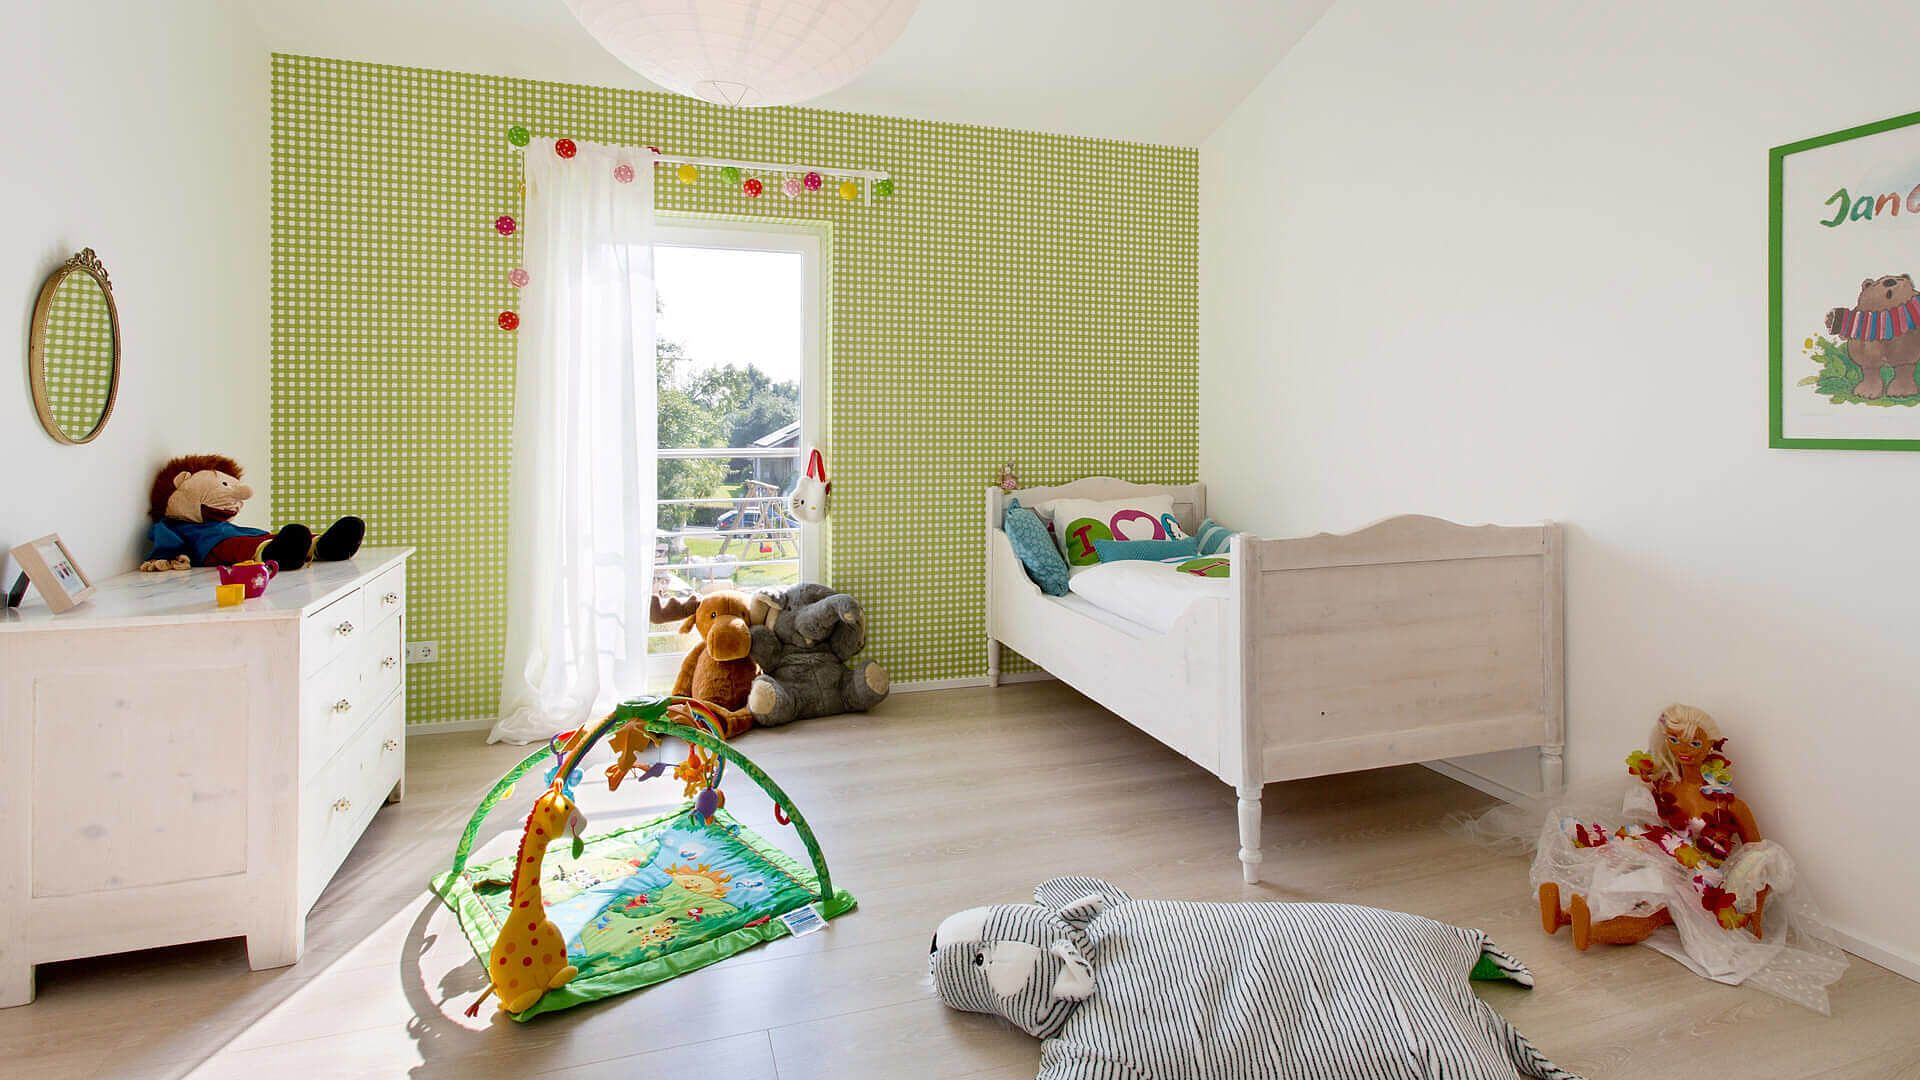 kinderzimmer weiße wände grün/weiß karierte wand holzfußboden ... - Kinderzimmer Weis Grun